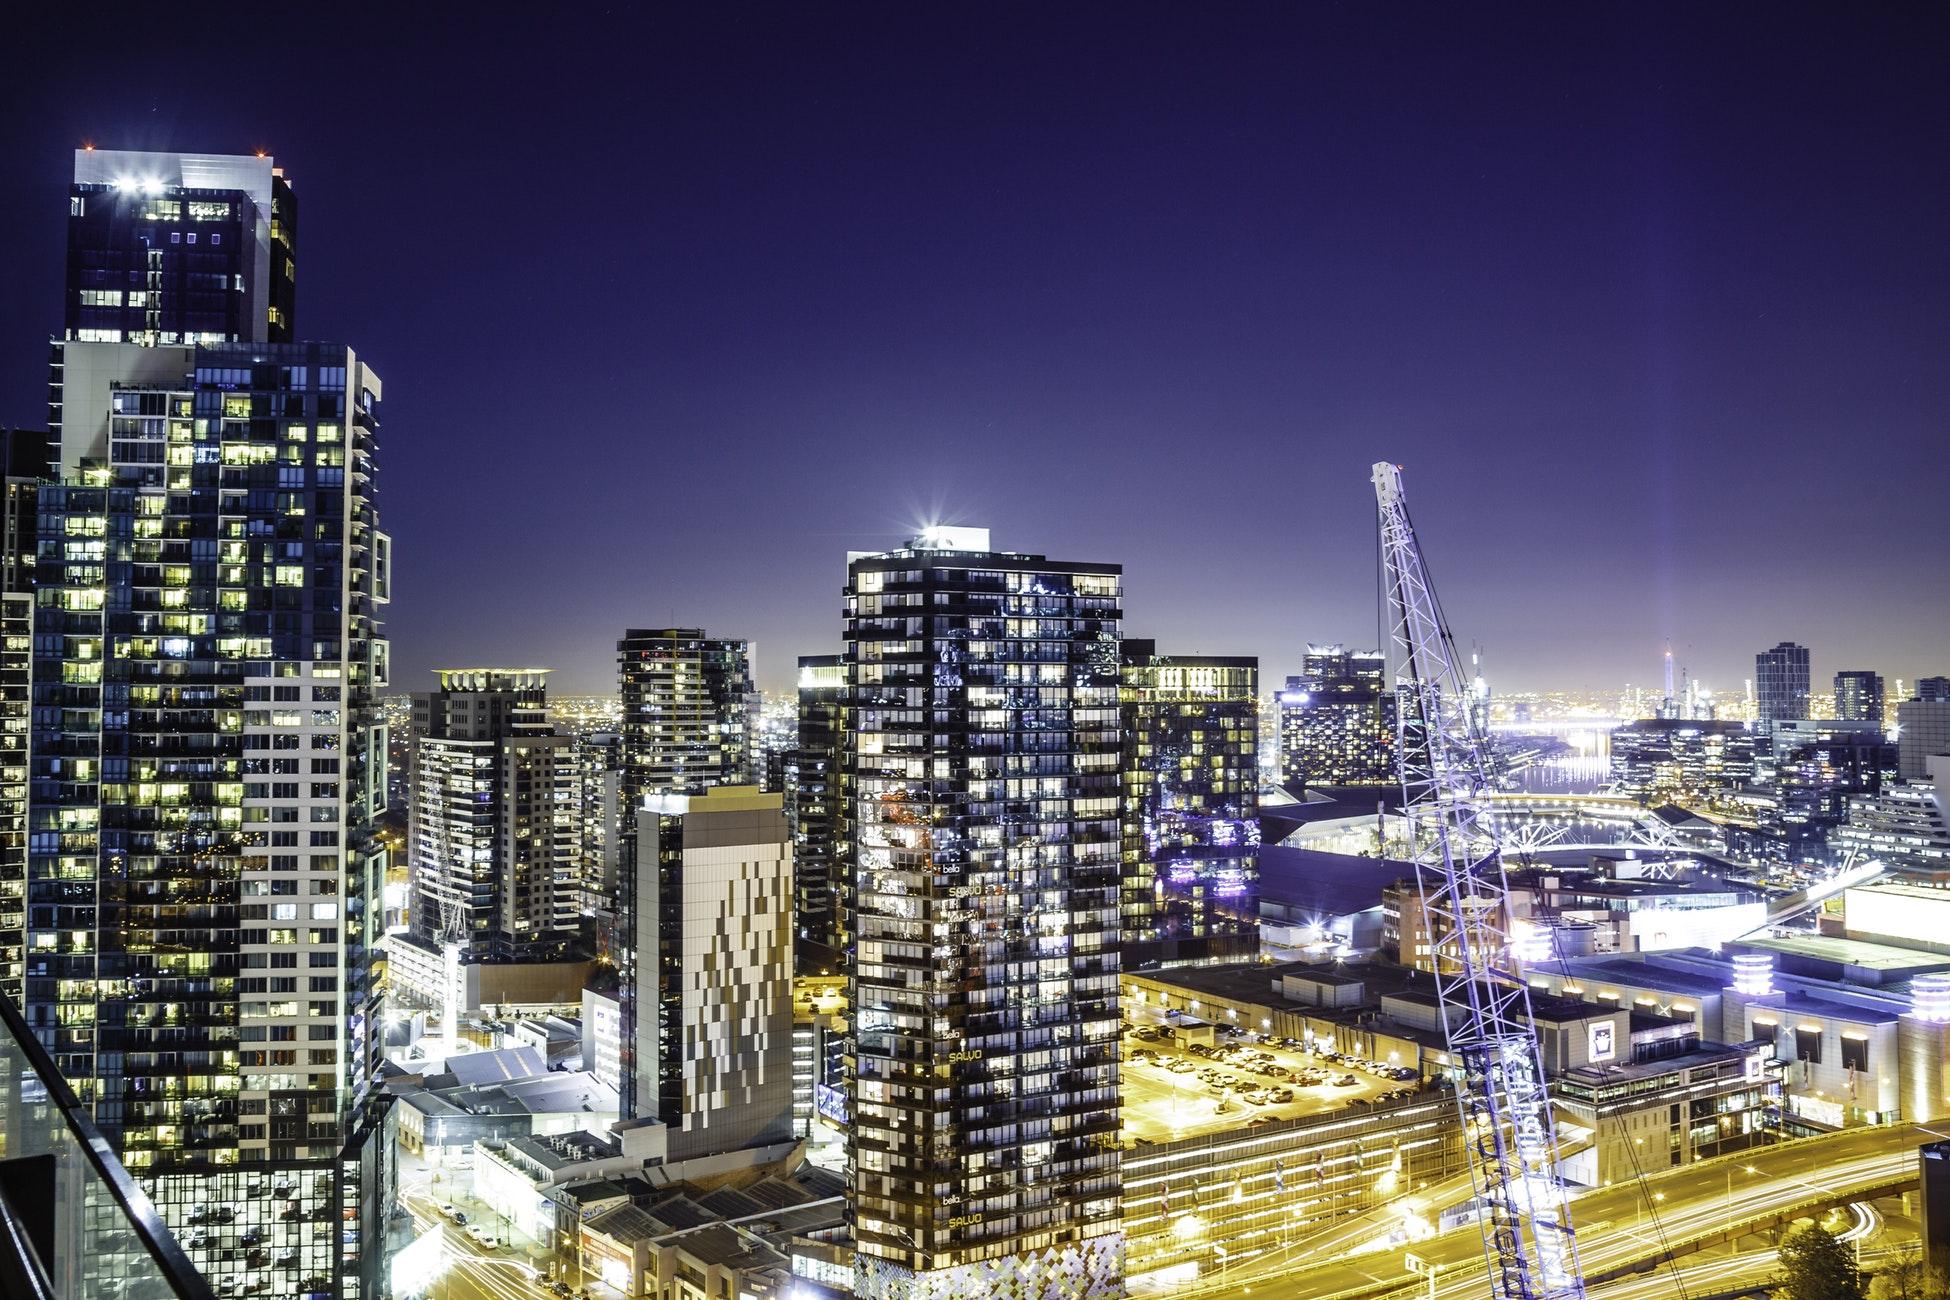 В Австралии начнется кризис в сфере недвижимости